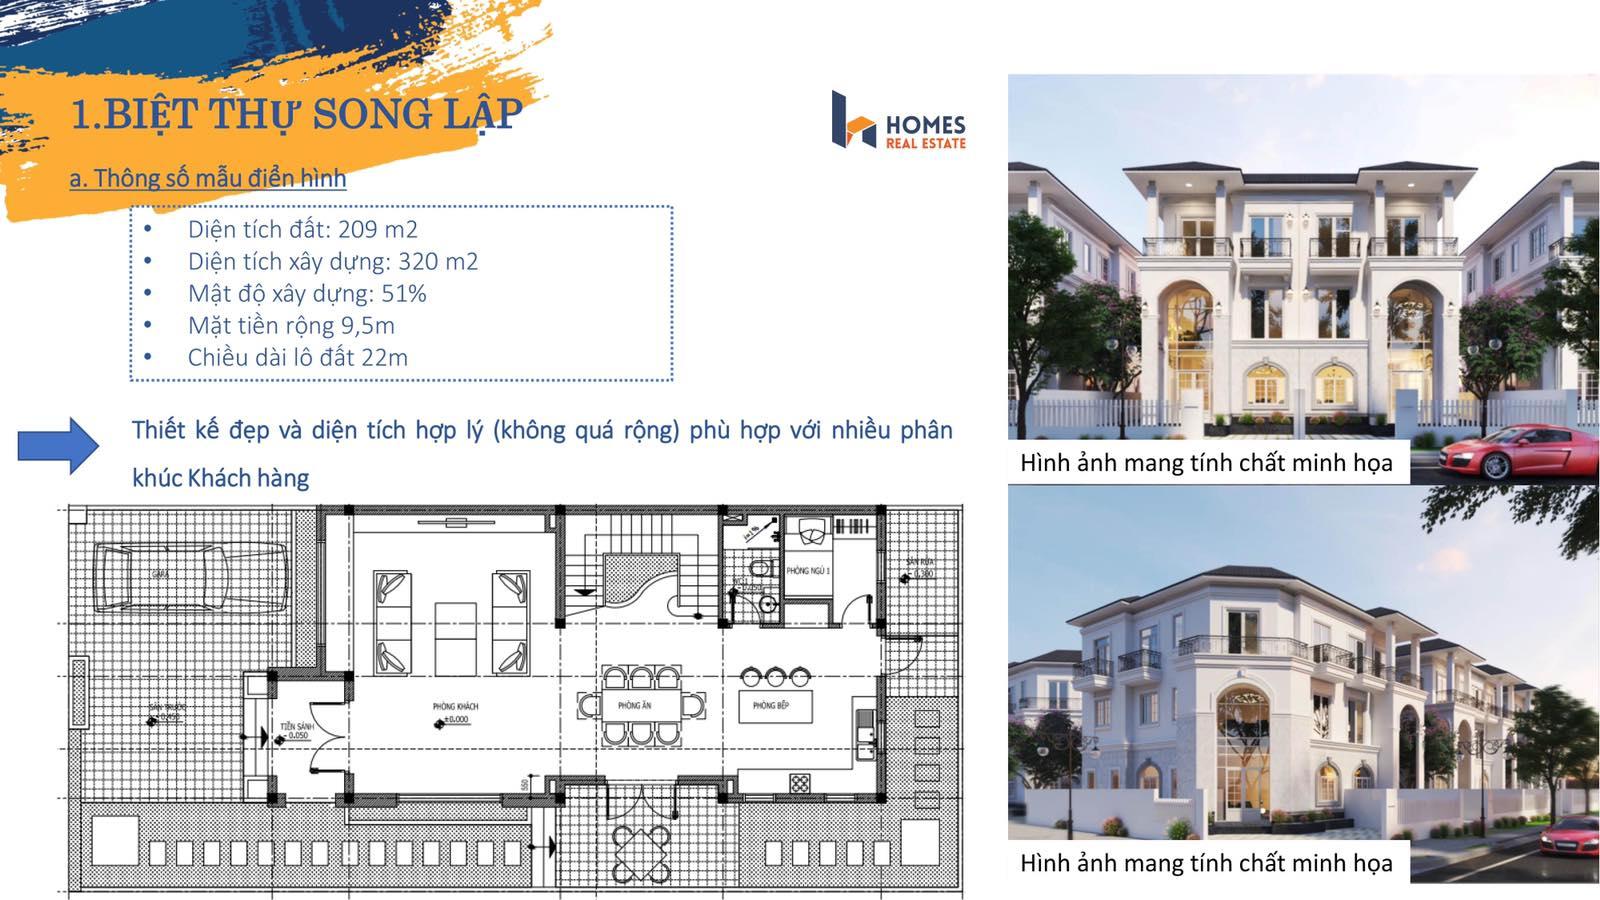 Biệt thự song Lập Vinh Heritage -Mipec Tràng an:sự Lựa chọn hoàn hảo cho  nhà đâu tư thông minh